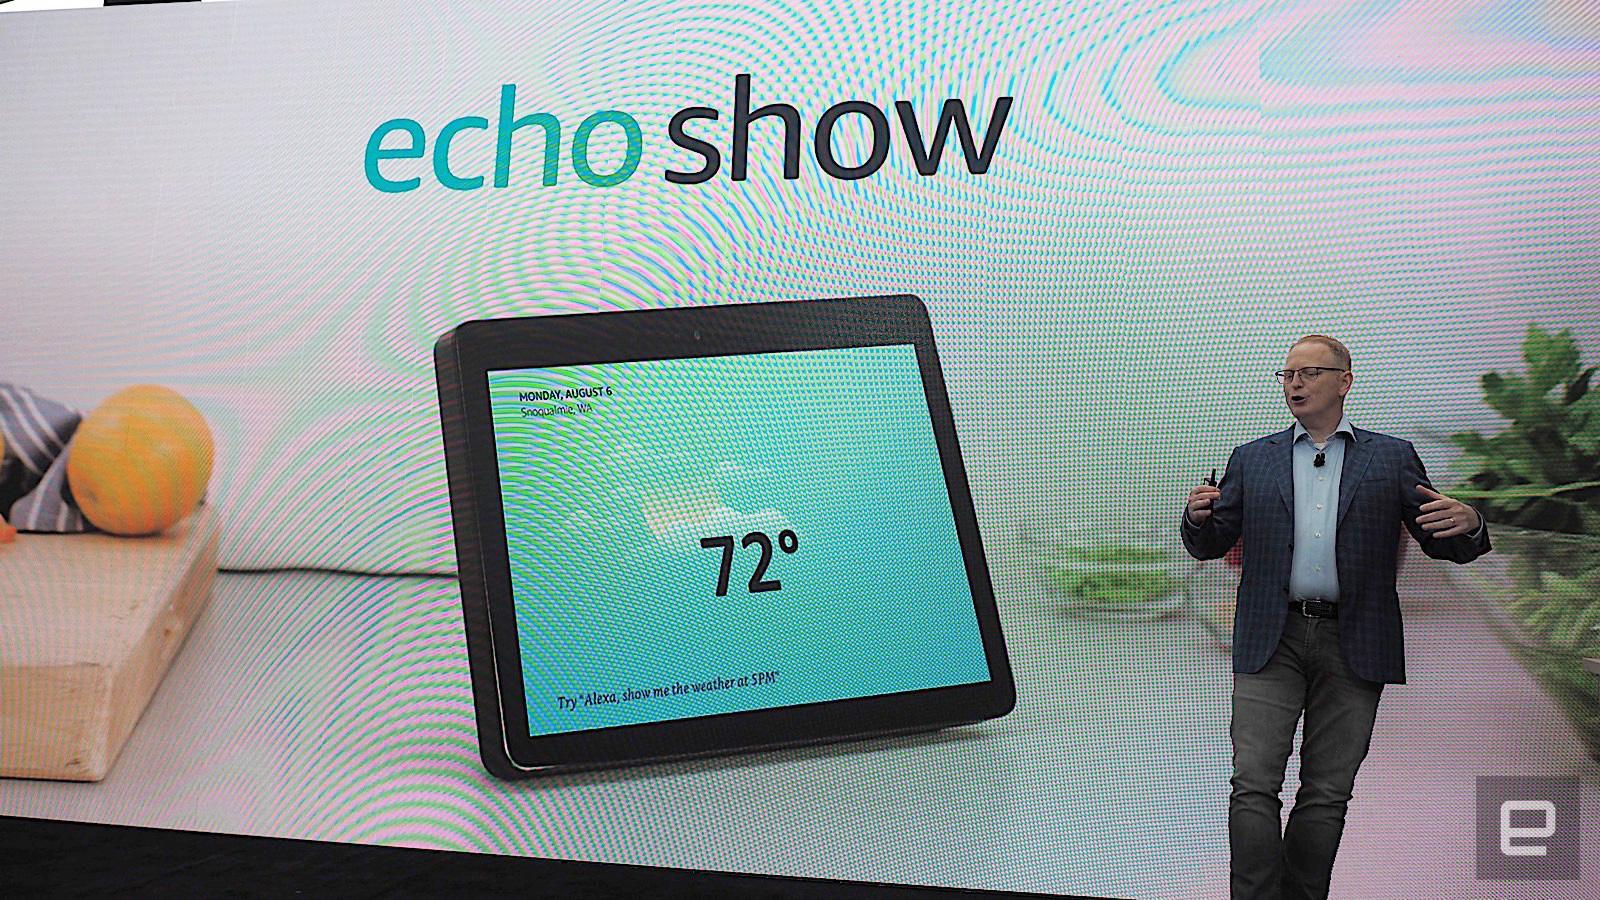 亚马逊新EchoShow显示器将曾至10寸 喇叭不再前置而是两侧发射